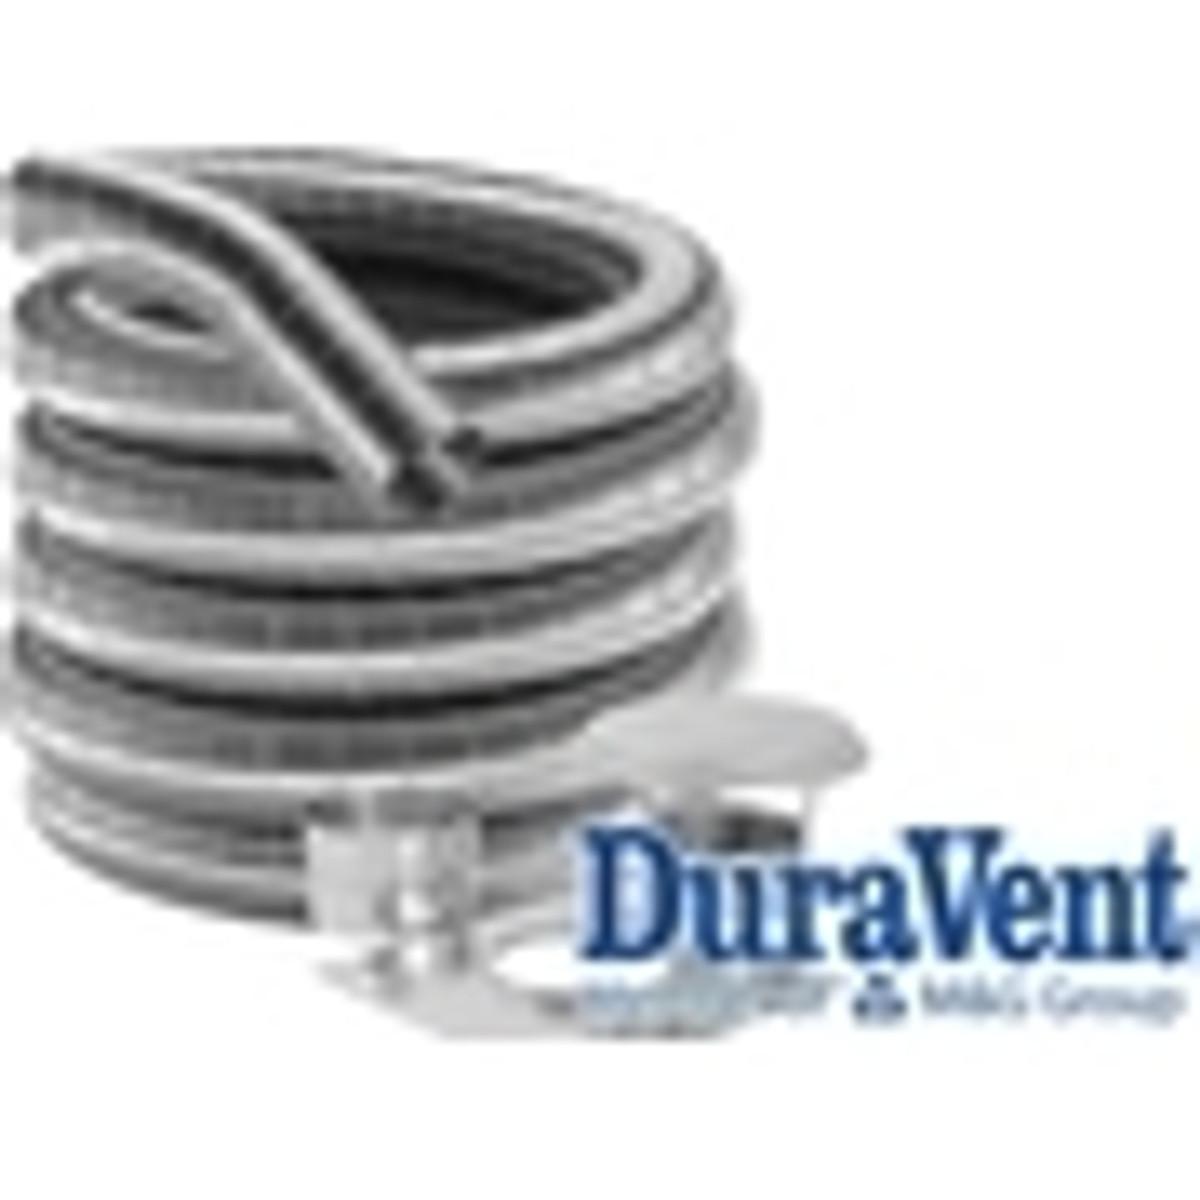 5.5'' DuraFlex Stainless Steel Chimney Liner